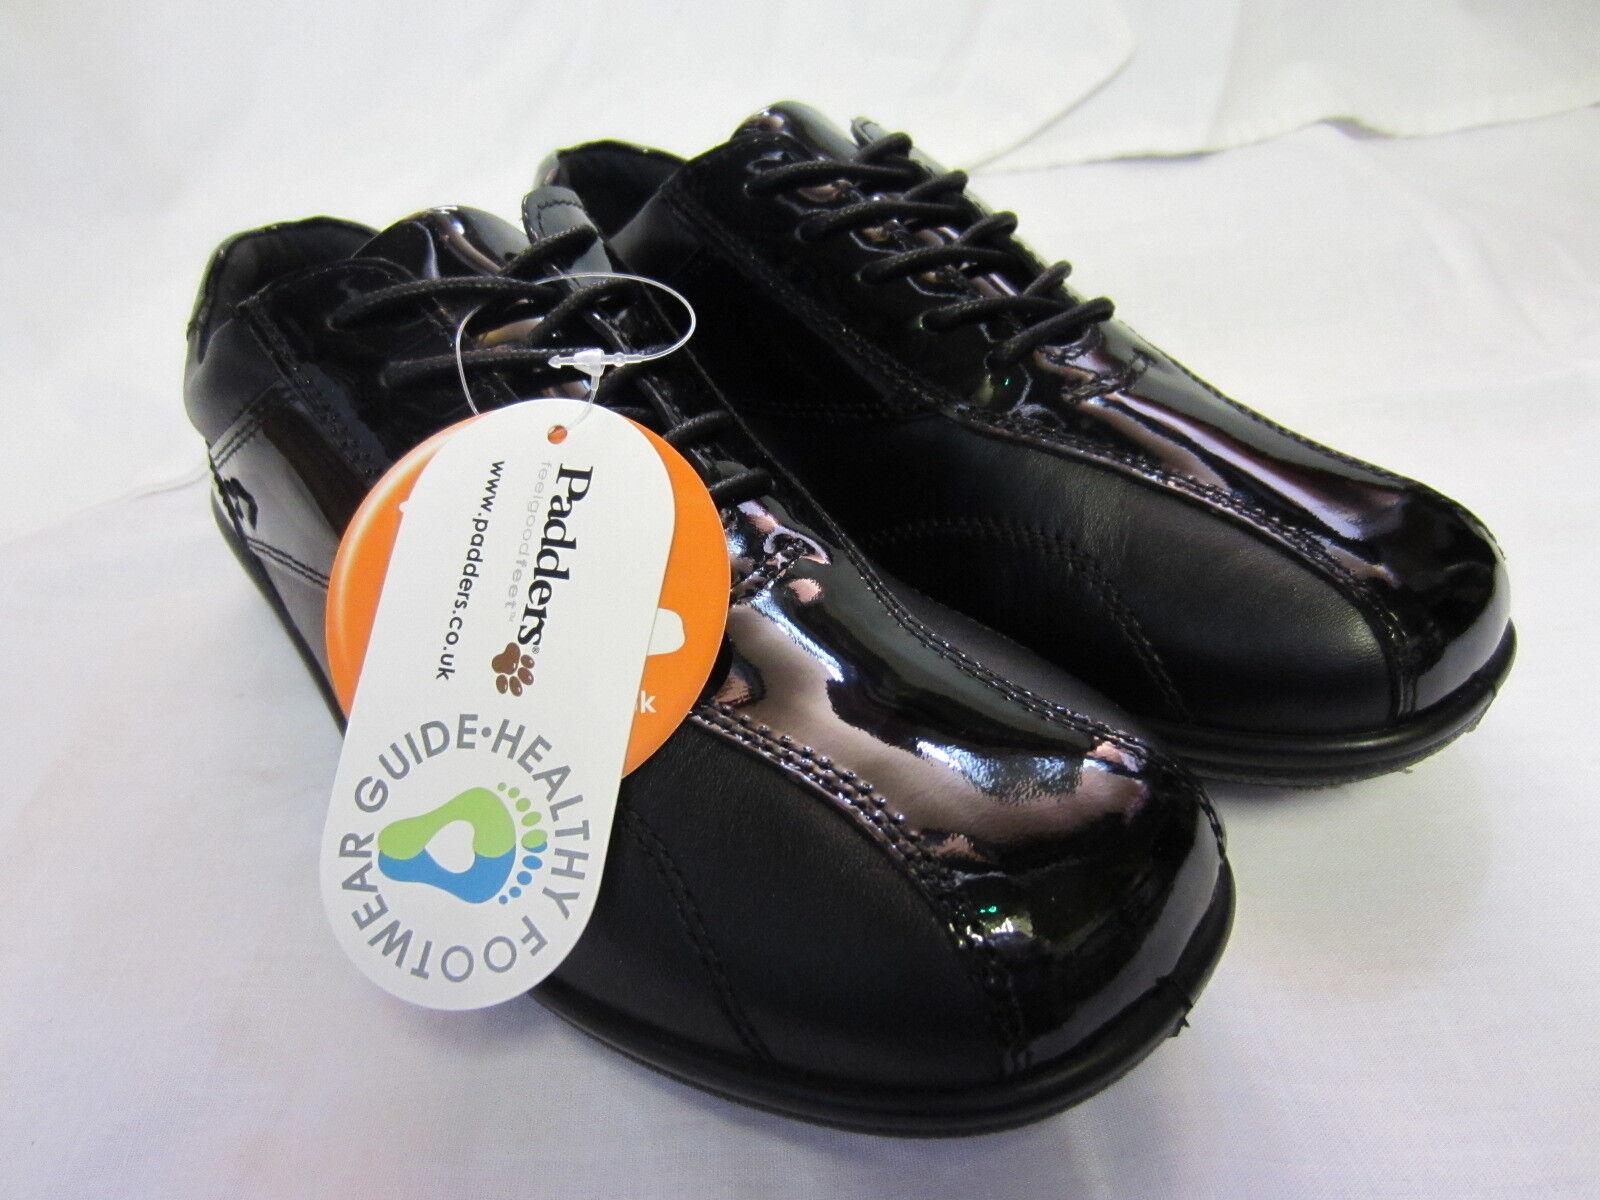 Cómodo y bien parecido Descuento por tiempo limitado Padders' Rhythm 1656/96.5cm Piel Negra De Mujer / Charol Zapatos Con Cordones ee